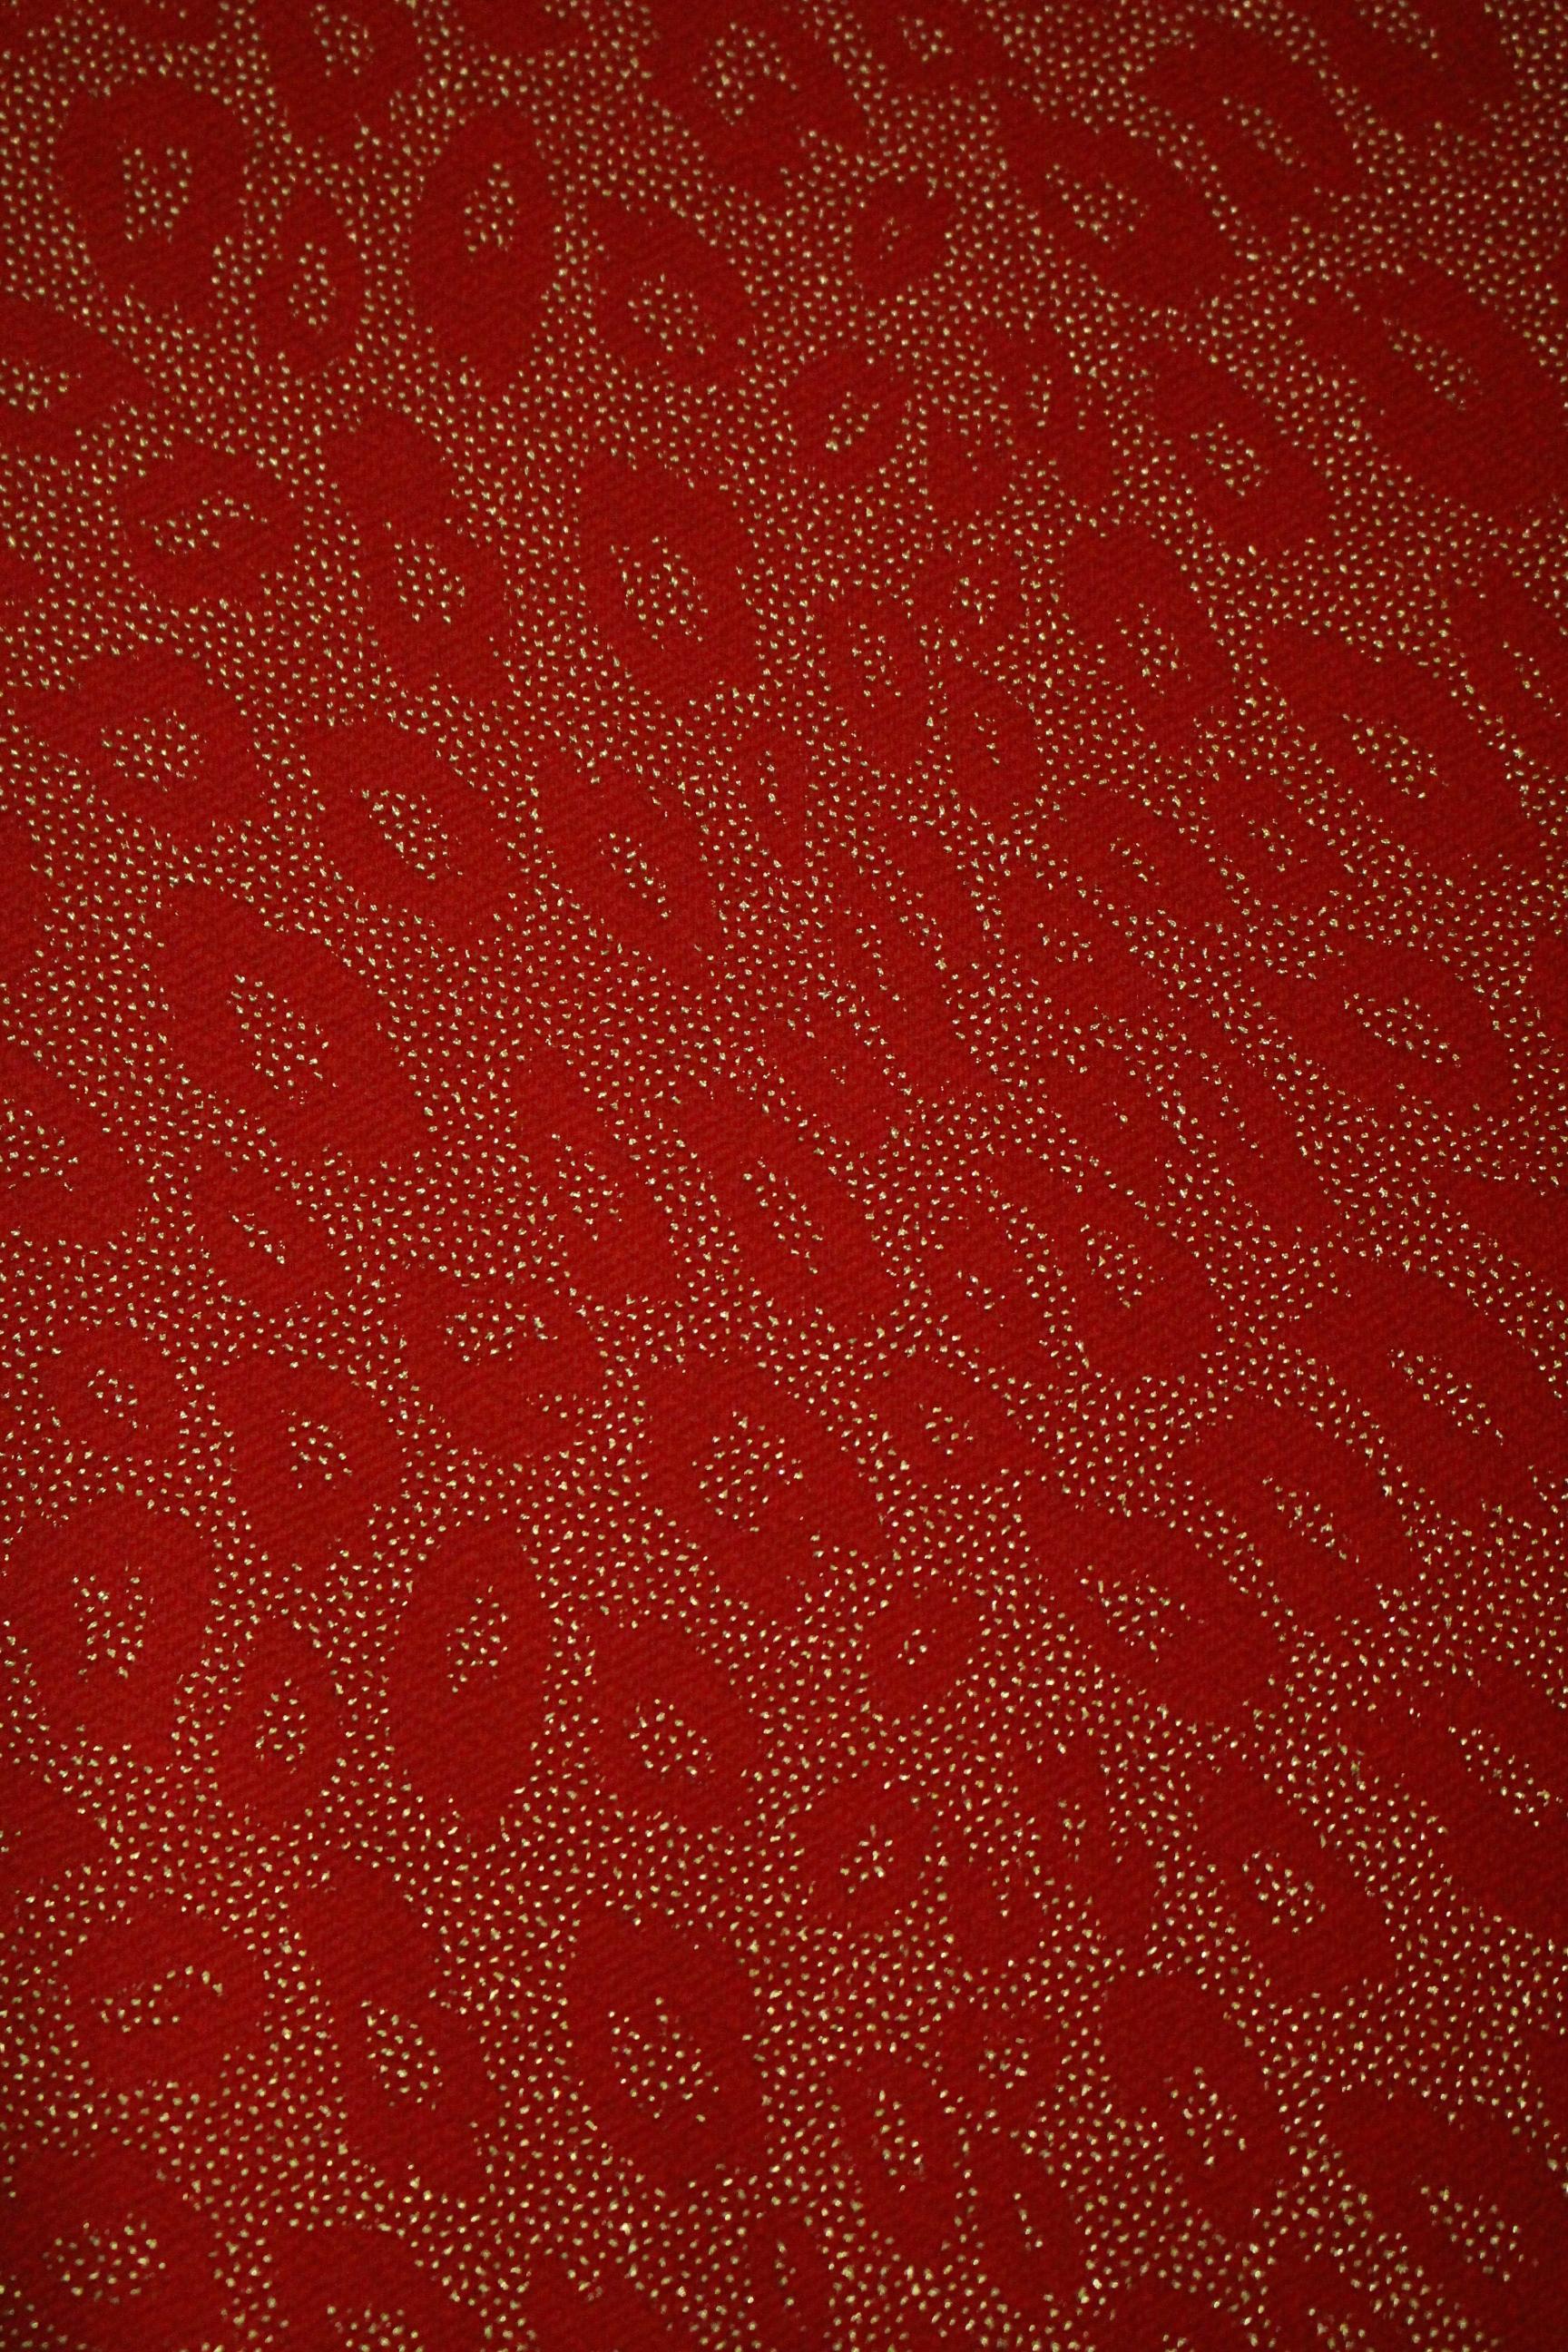 JY-444(리버풀-골드)Red